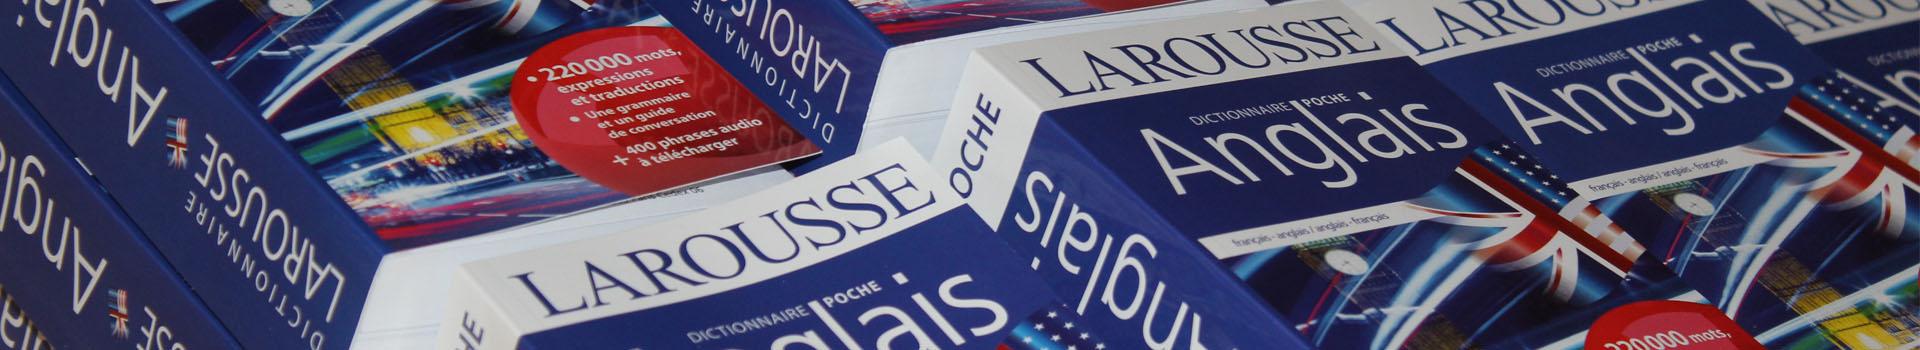 Des dictionnaires pour les élèves de CM2